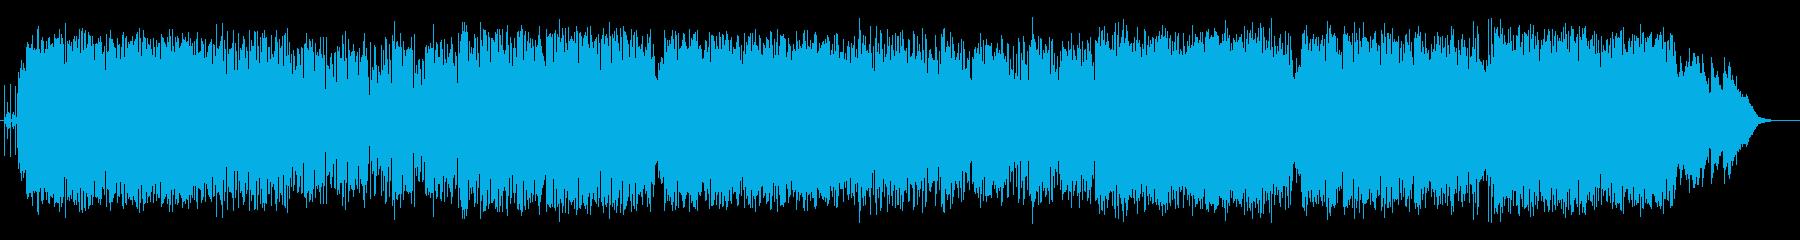 爽やかで軽快で煌びやかなエレキポップスの再生済みの波形